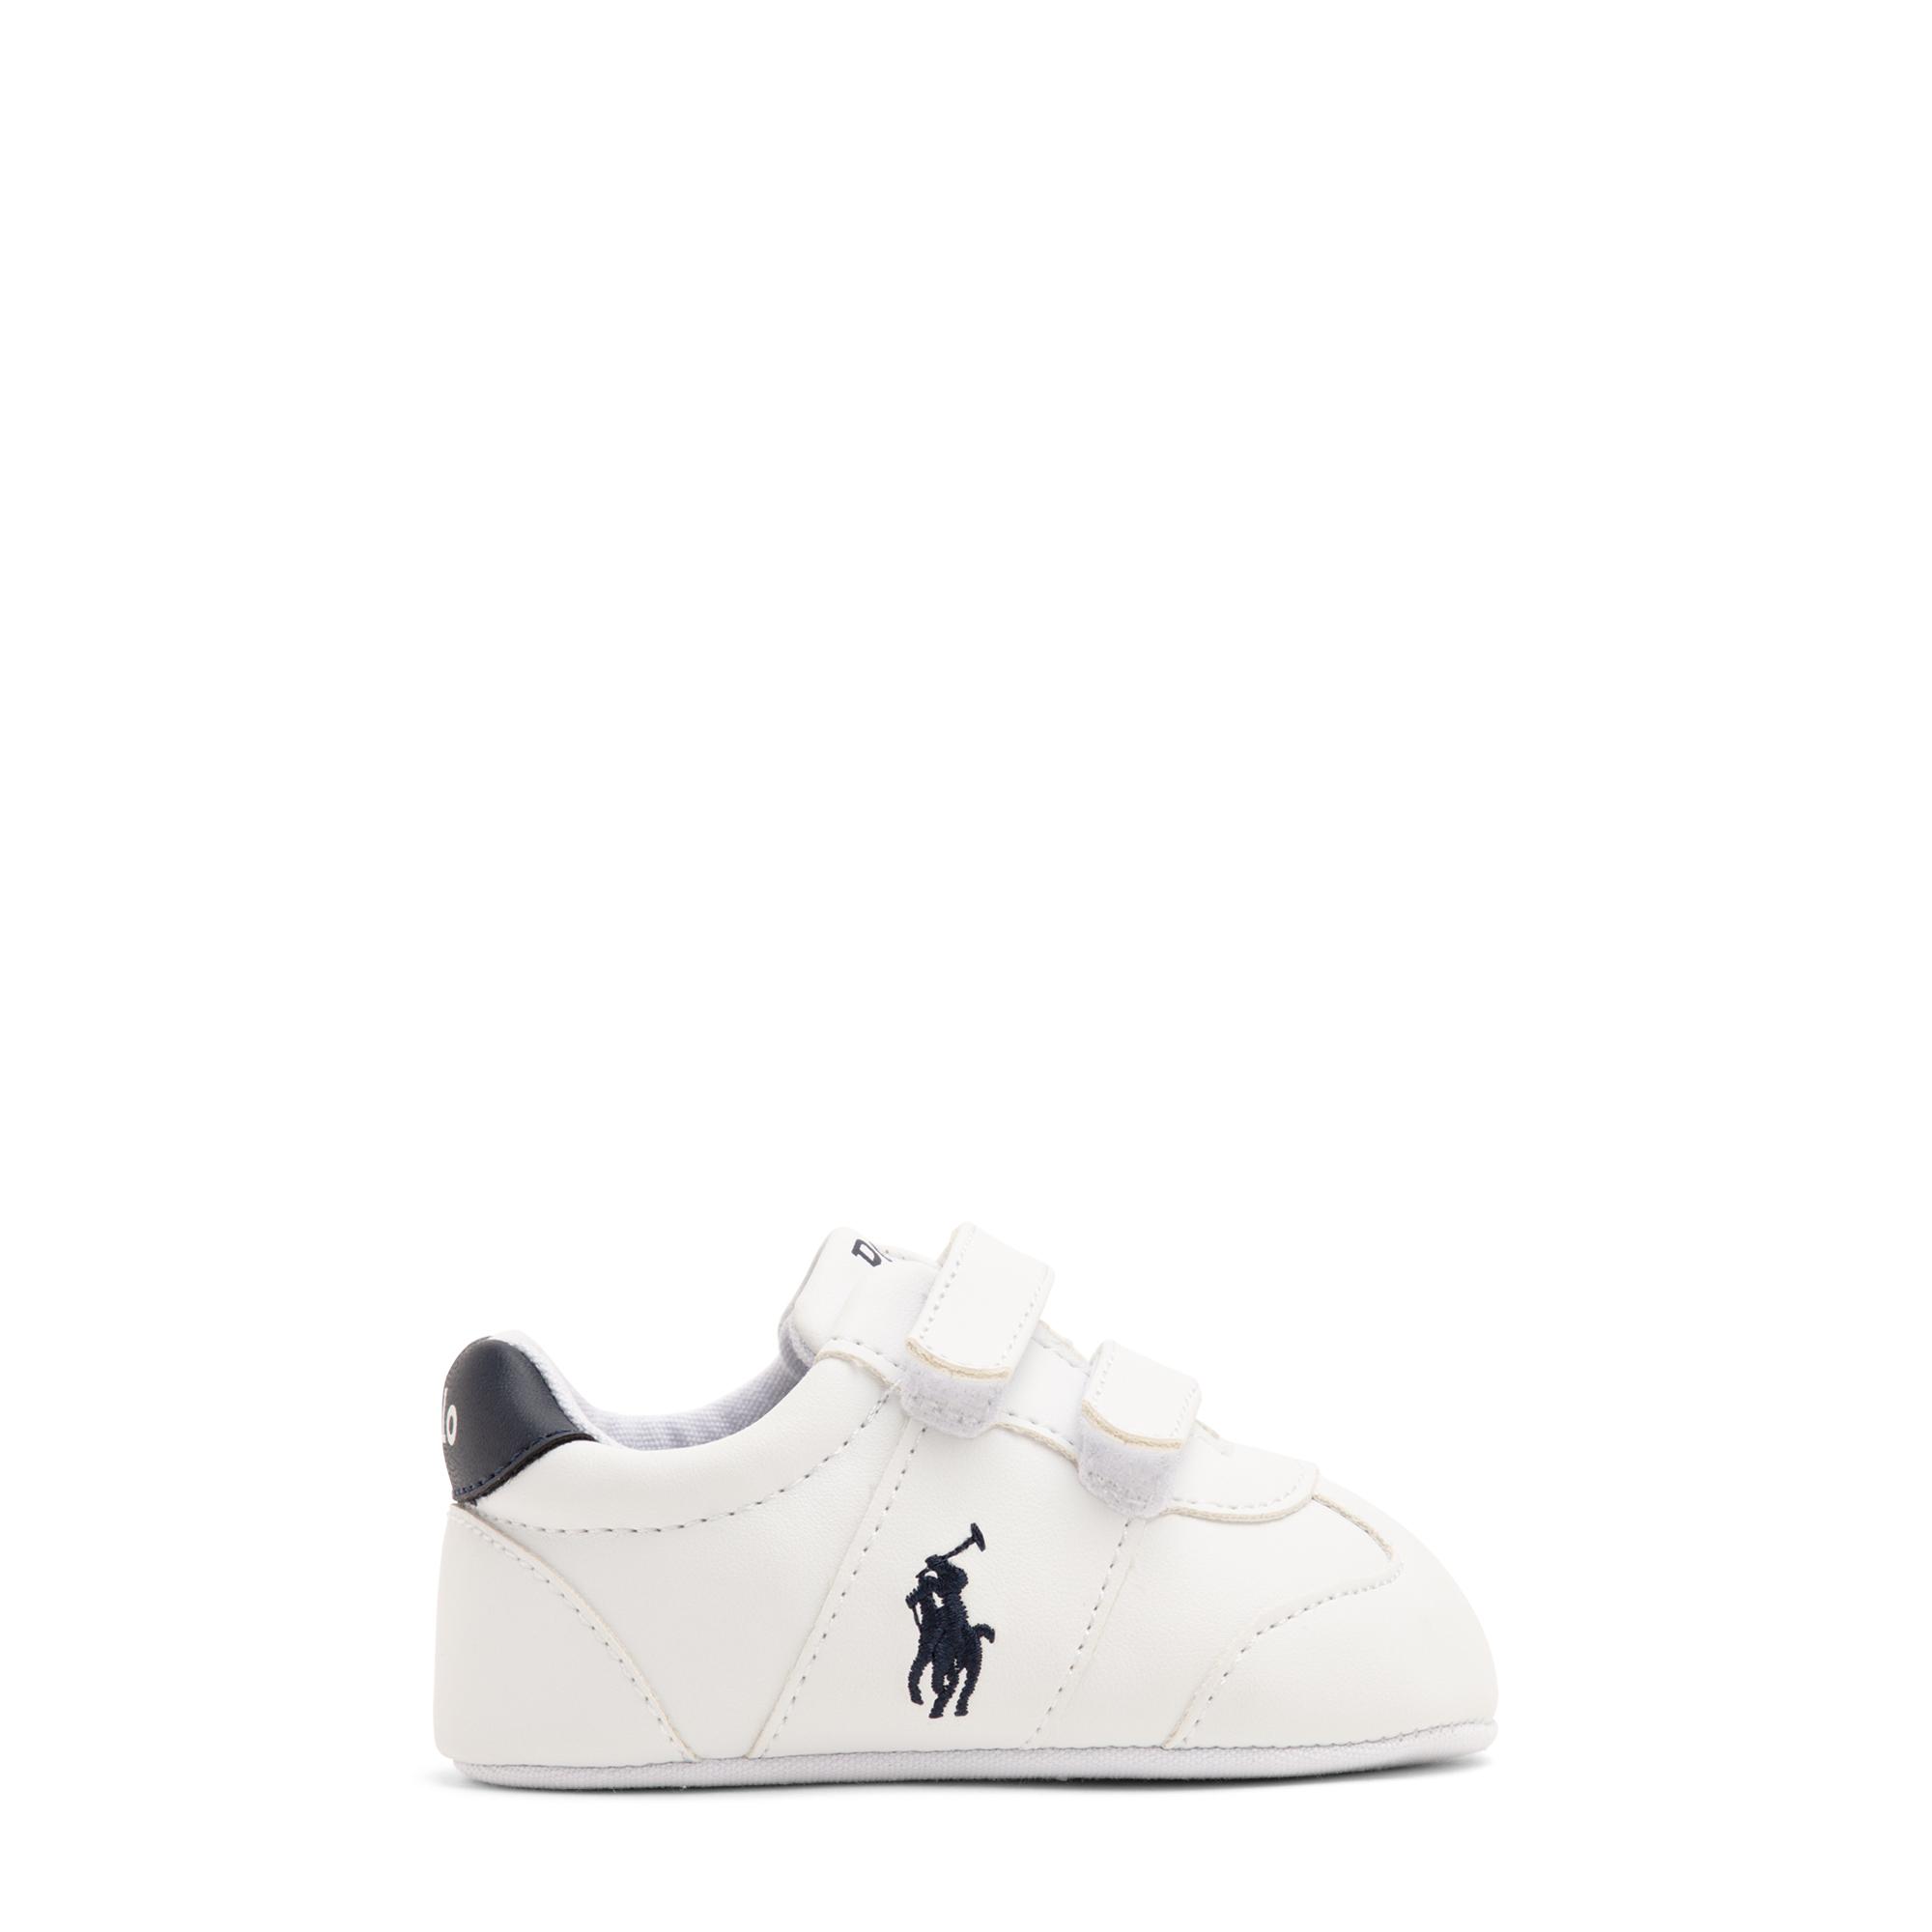 Pony Jogger EZ sneakers